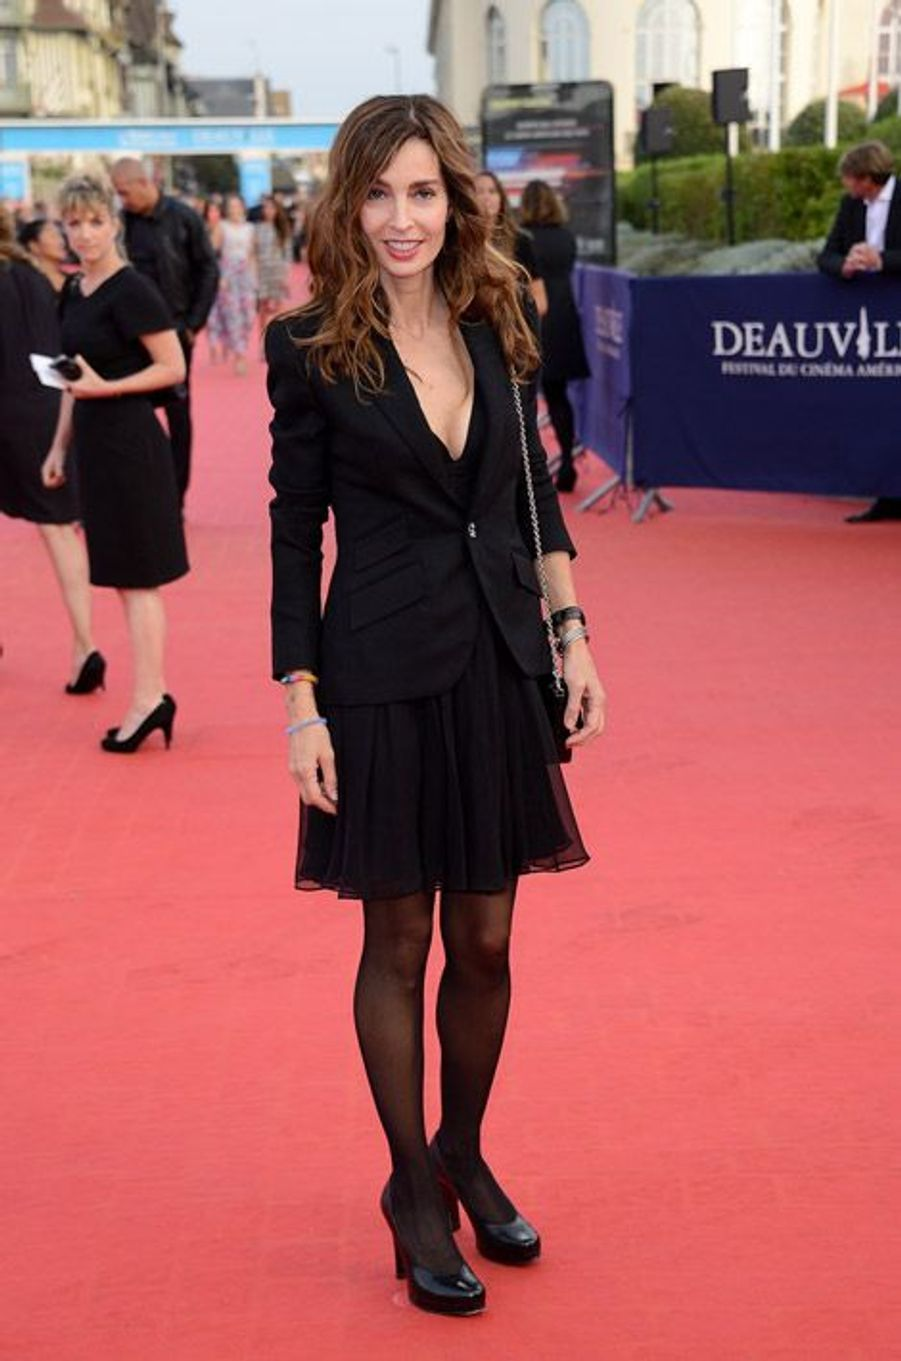 835d59c82f Anne Parillaud lors de la cérémonie de clôture du festival du cinéma  américain de Deauville,